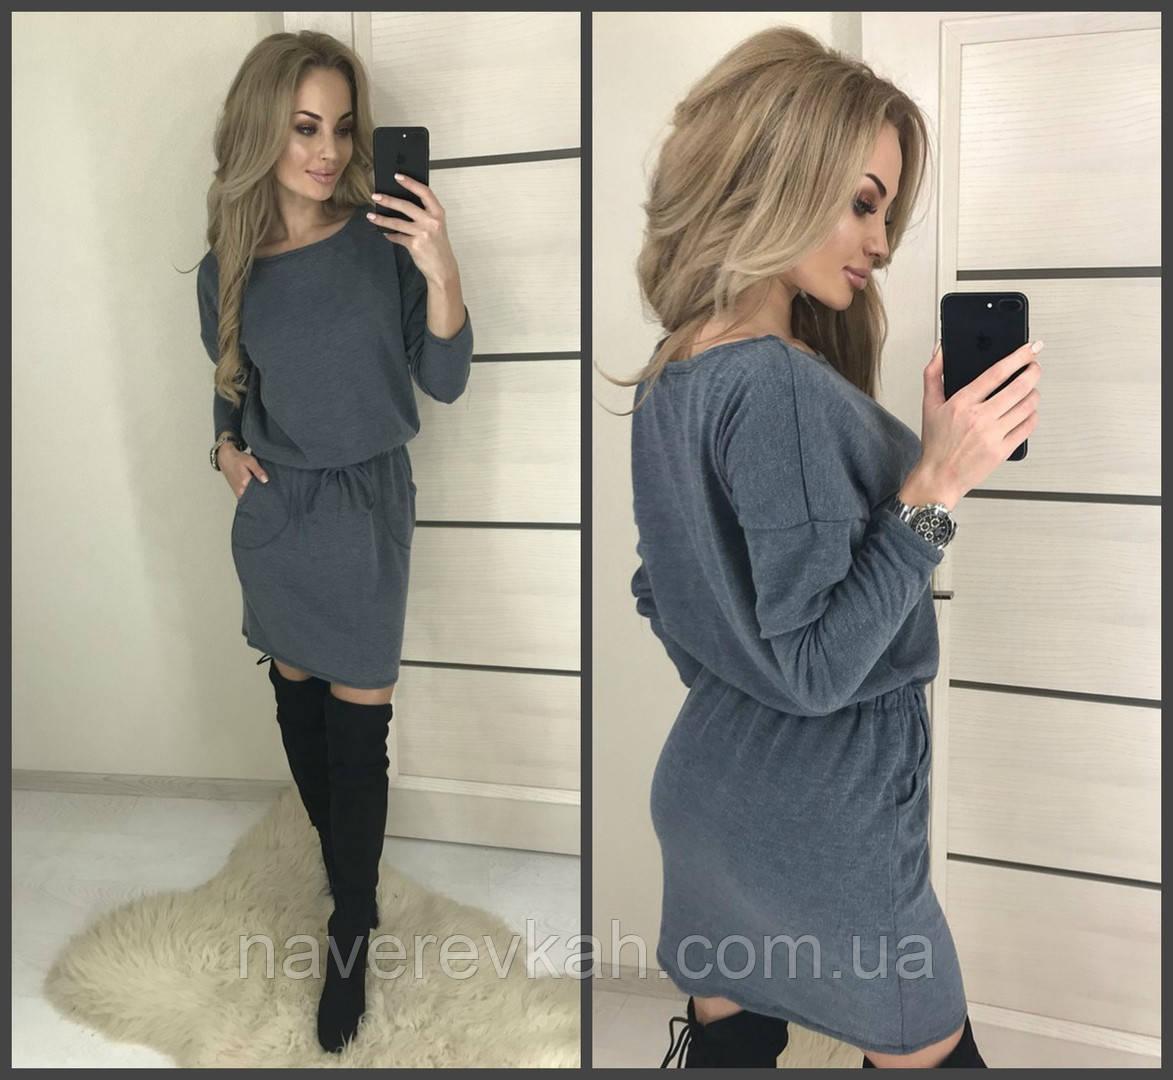 Женское свободное осенне платье на резинке ангора серый и черный 42-46